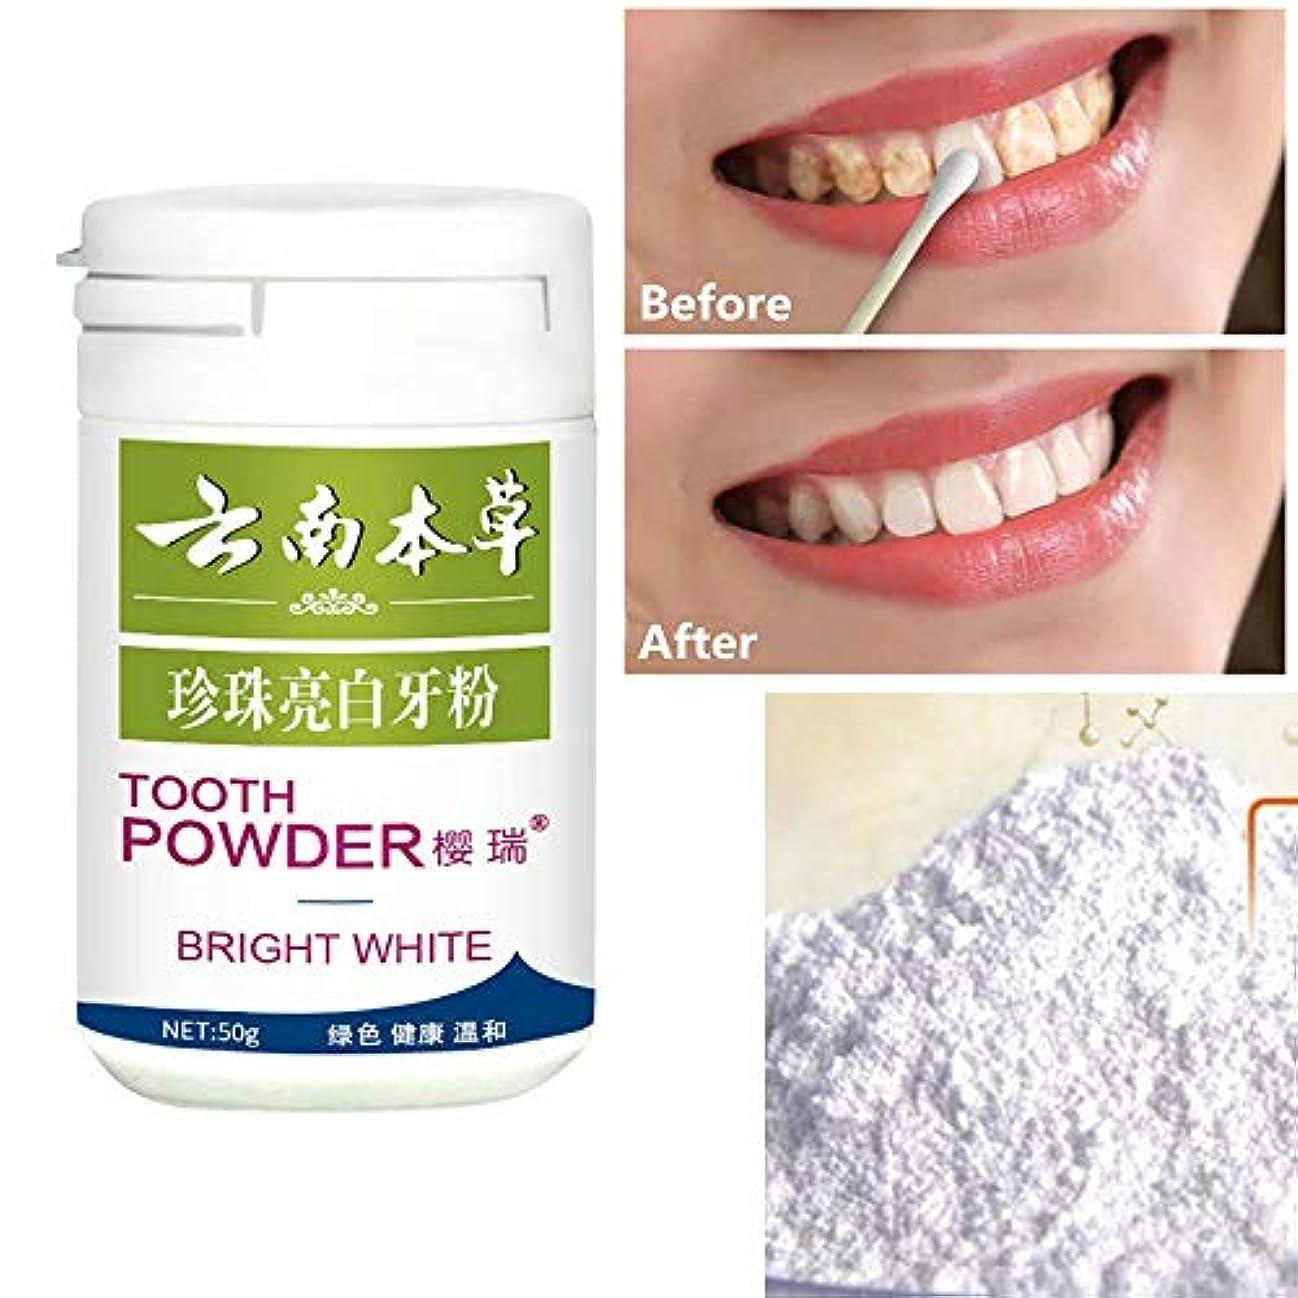 熱狂的な運営インタネットを見る50gホワイトニング歯のケア口臭を除去するプラーク歯磨き粉粉末をきれいにする歯の歯石の歯石除去の汚れ